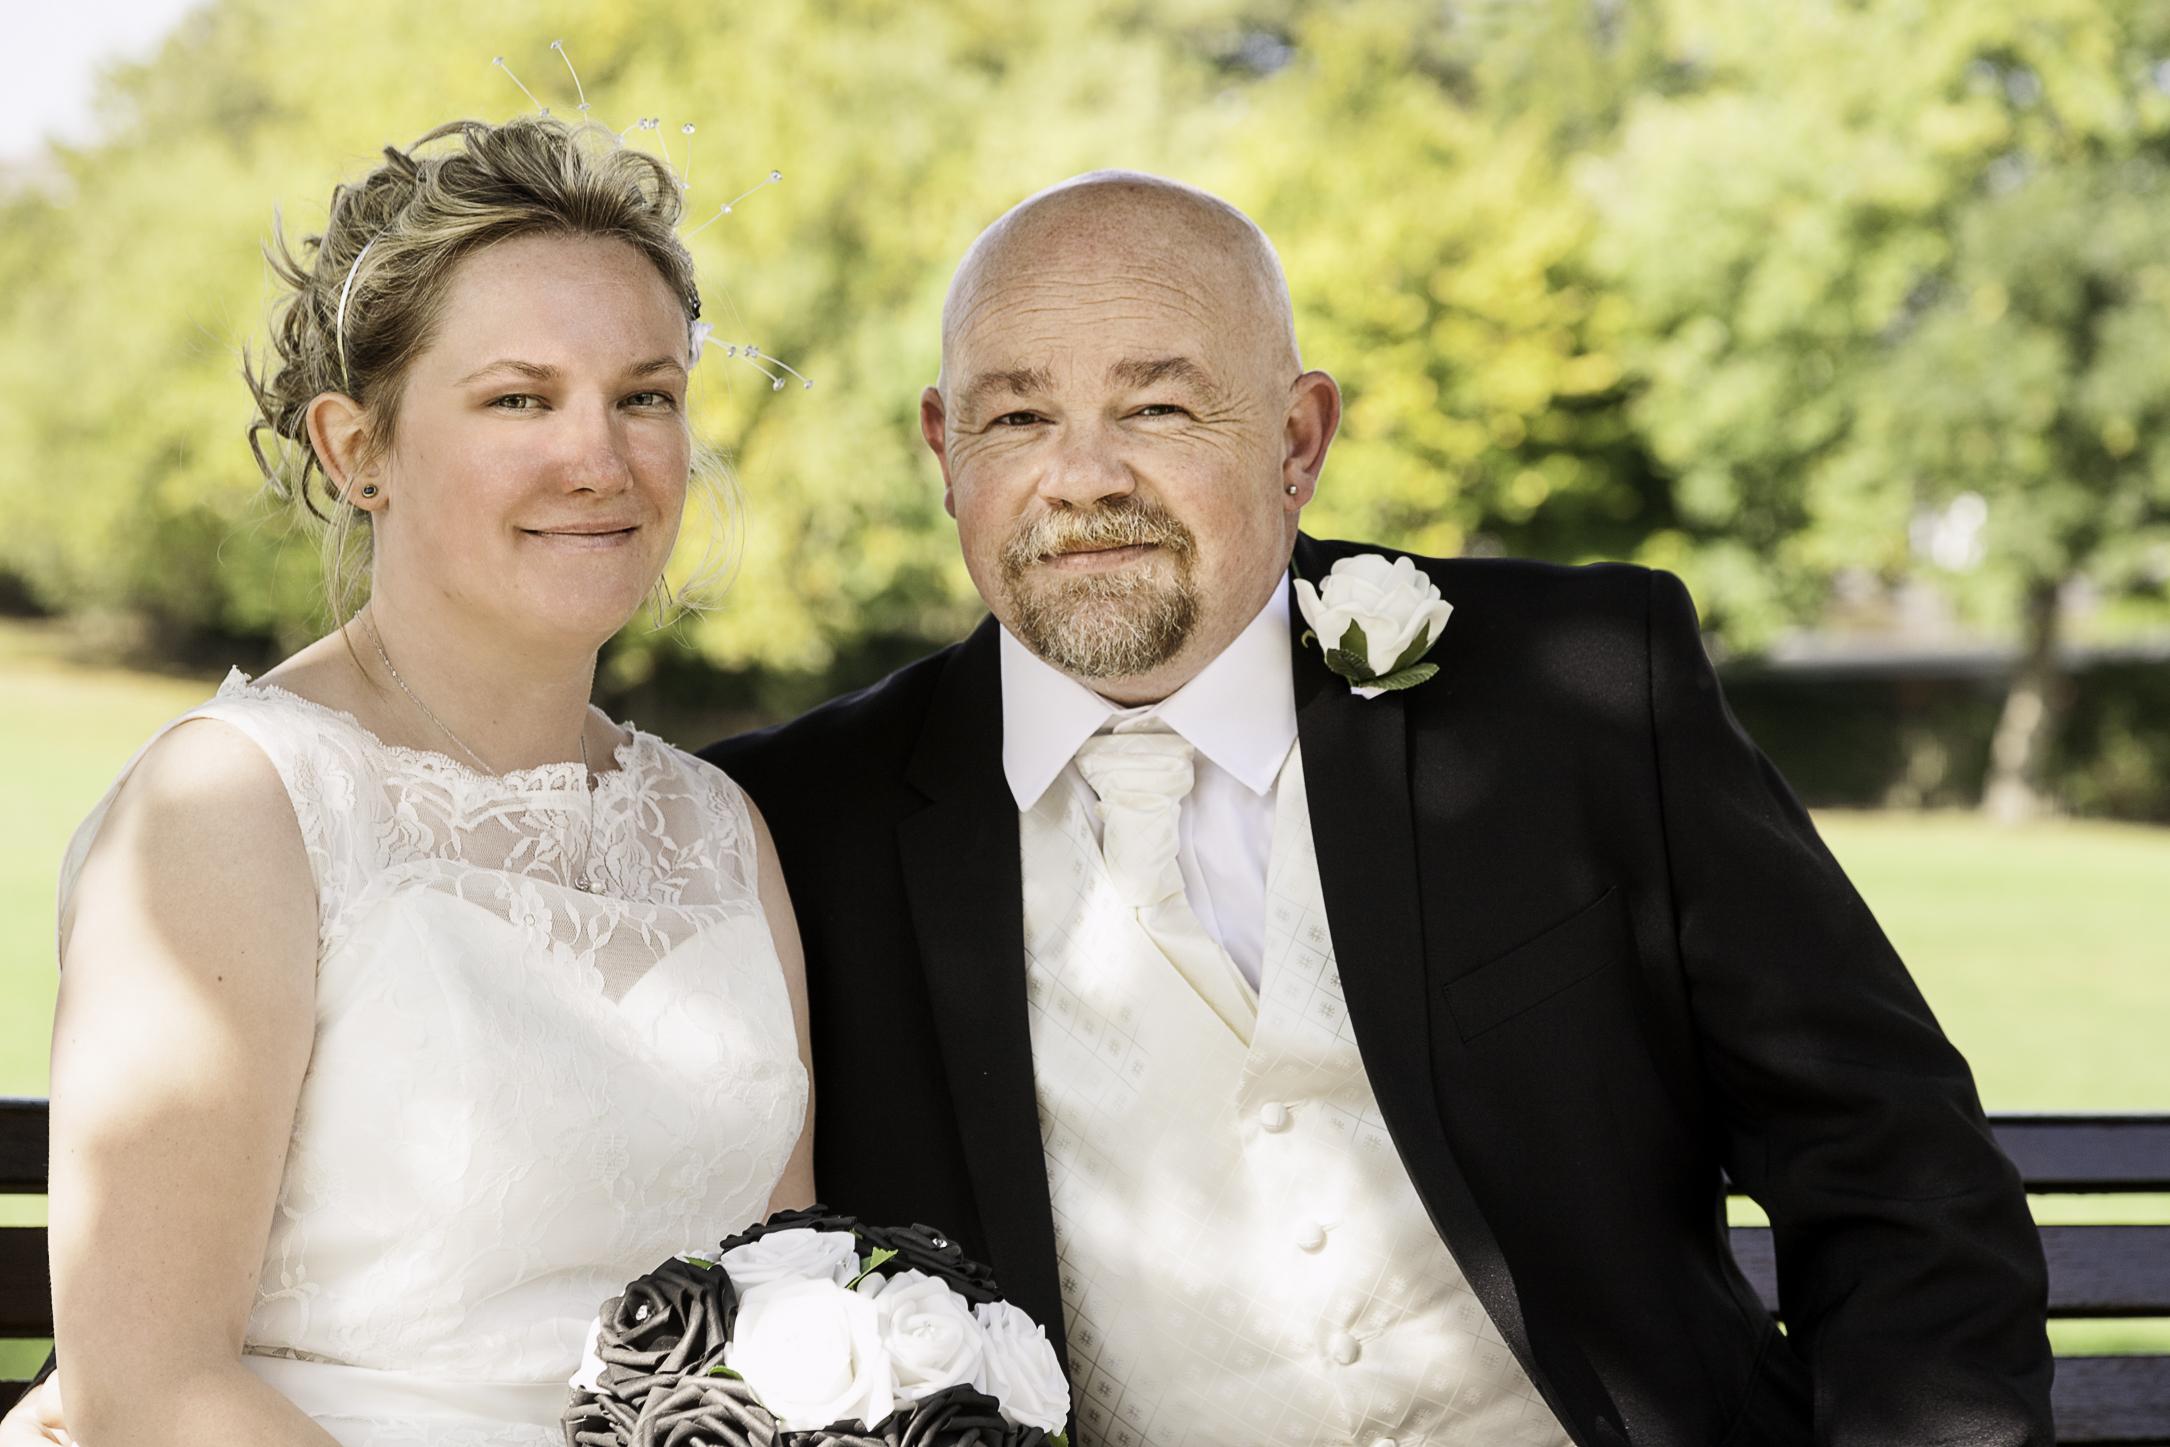 Wedding-Carol&John0508-Edit20150919.jpg